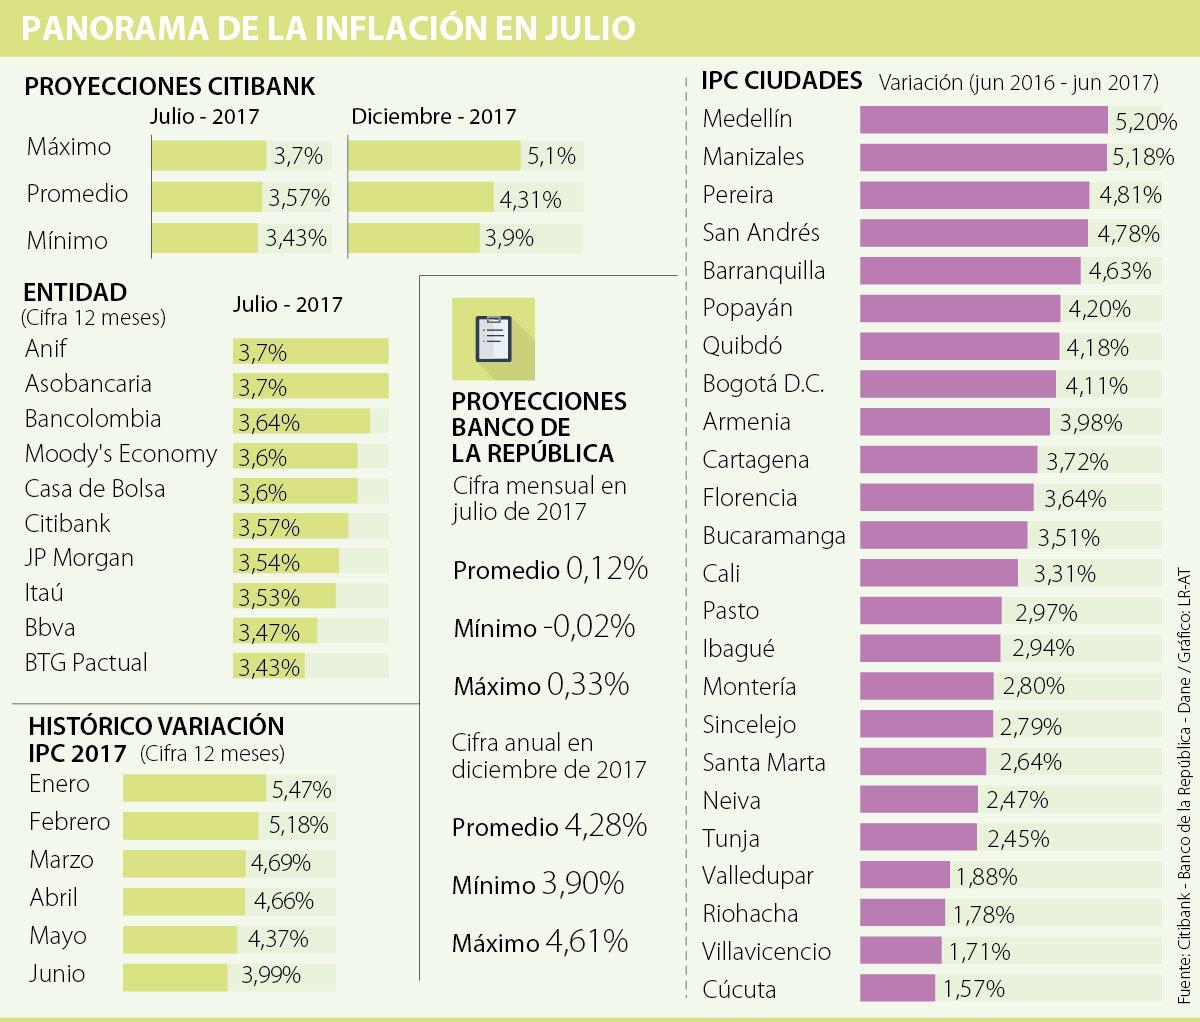 INEC: Ecuador registró inflación mensual de -0,14% en julio